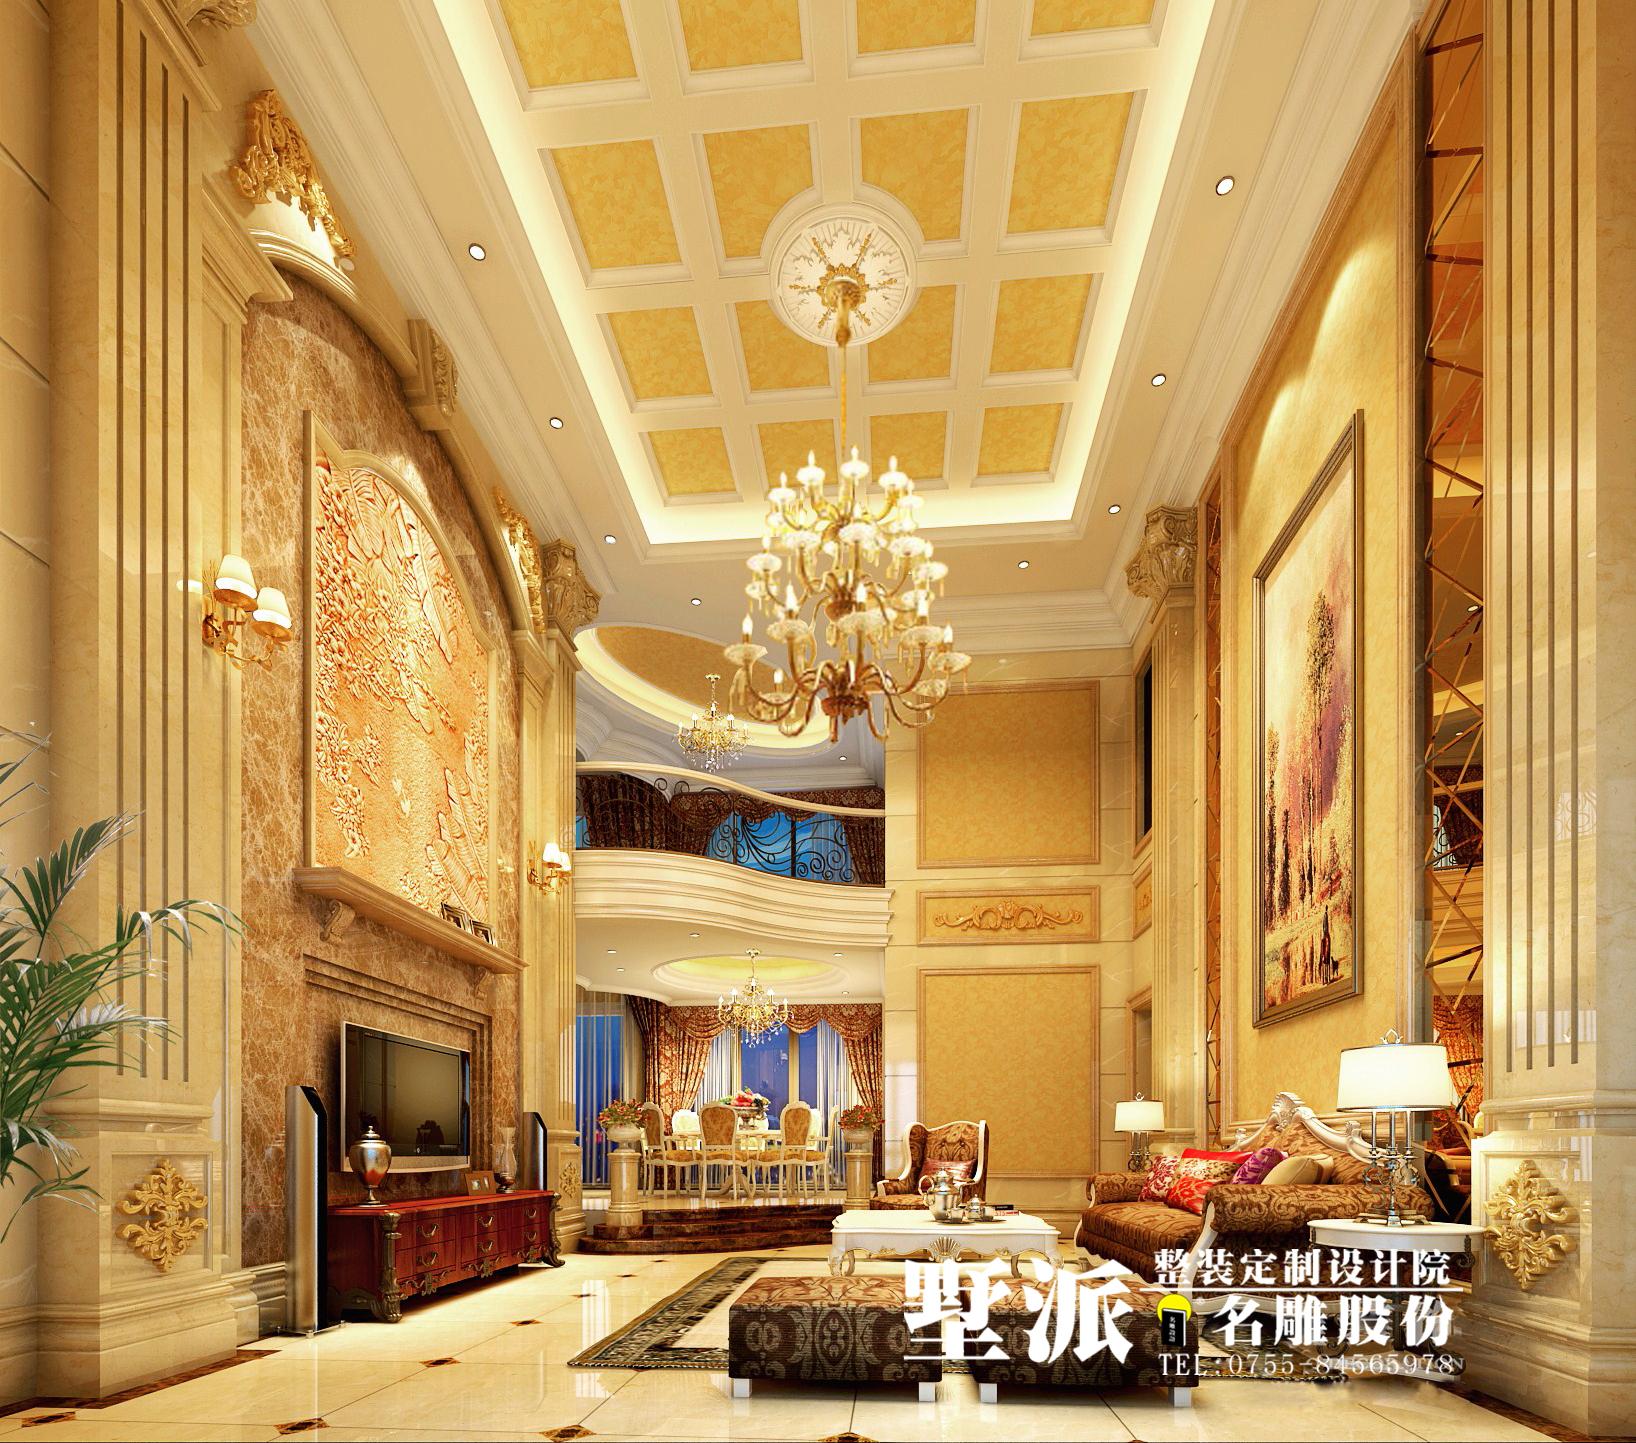 欧式 别墅 别墅装修 整装定制 高端装修 别墅设计 名雕装饰 客厅图片来自广州名雕装饰在公园大地别墅整装定制设计的分享